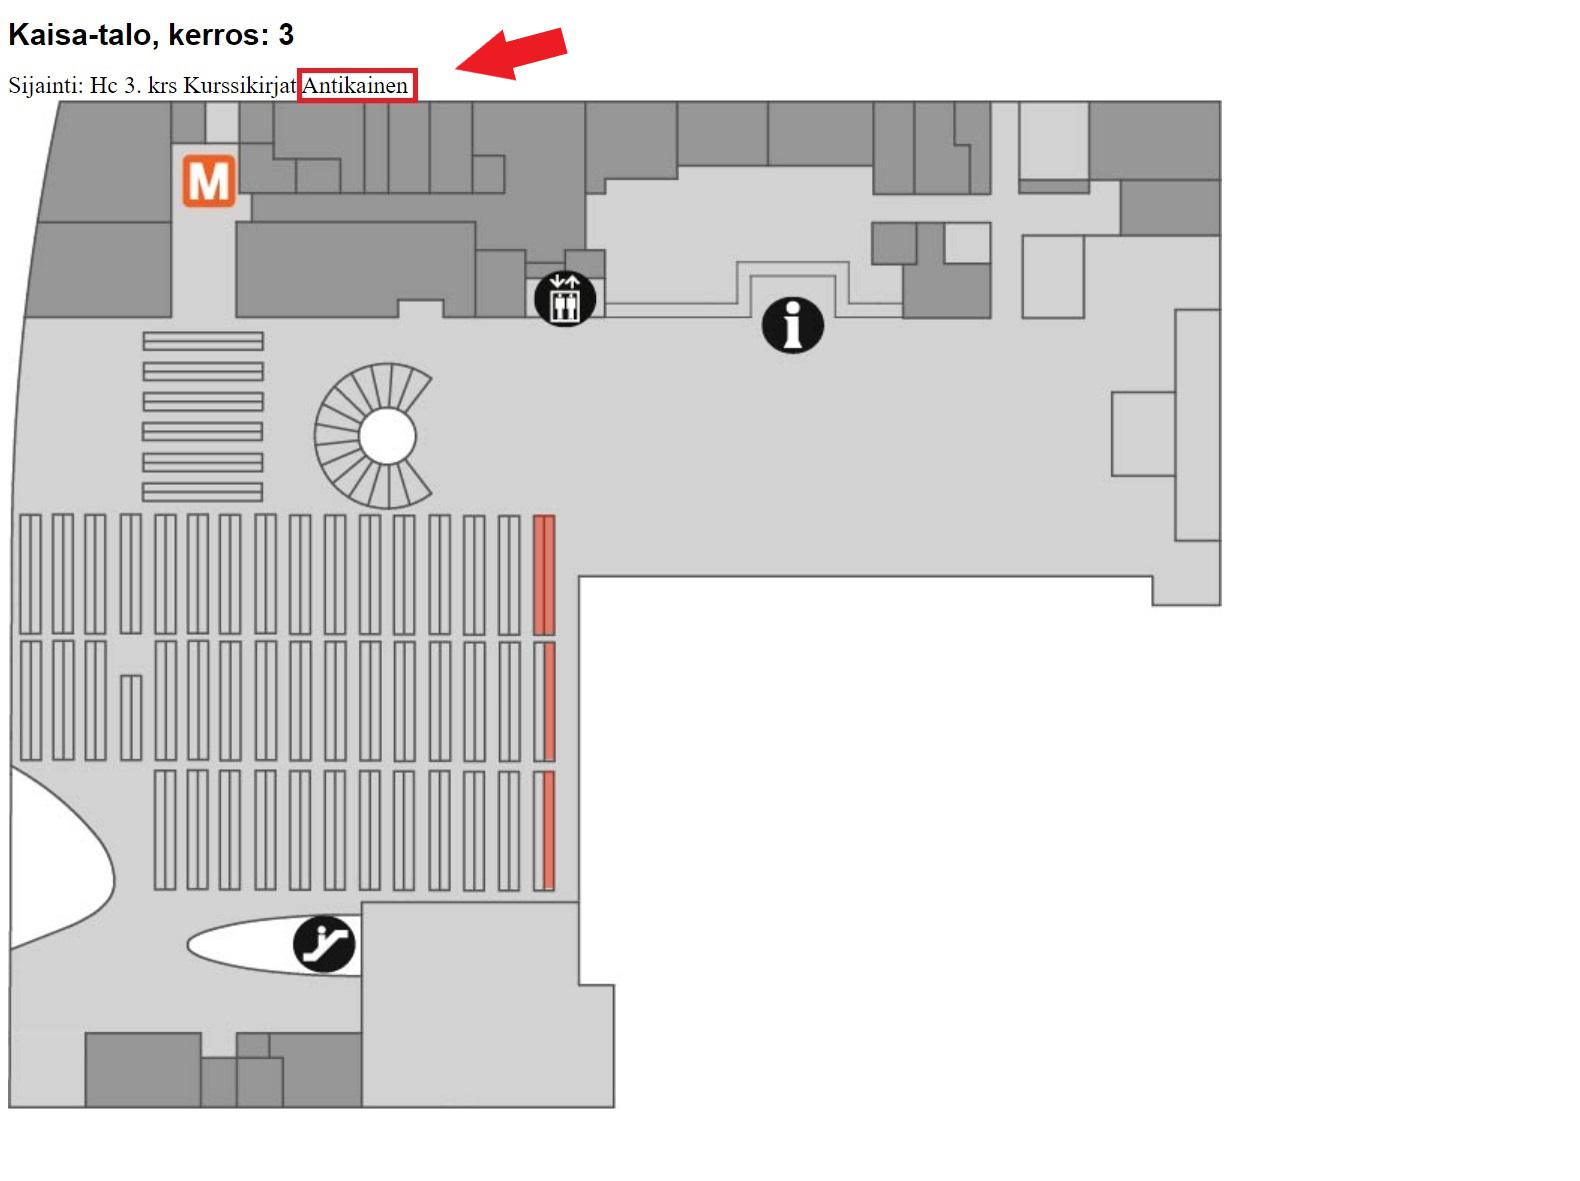 Floor Map: Kaisa House, 3rd floor Location: HC 3rd floor Kurssikirjat. Circled word: Antikainen.